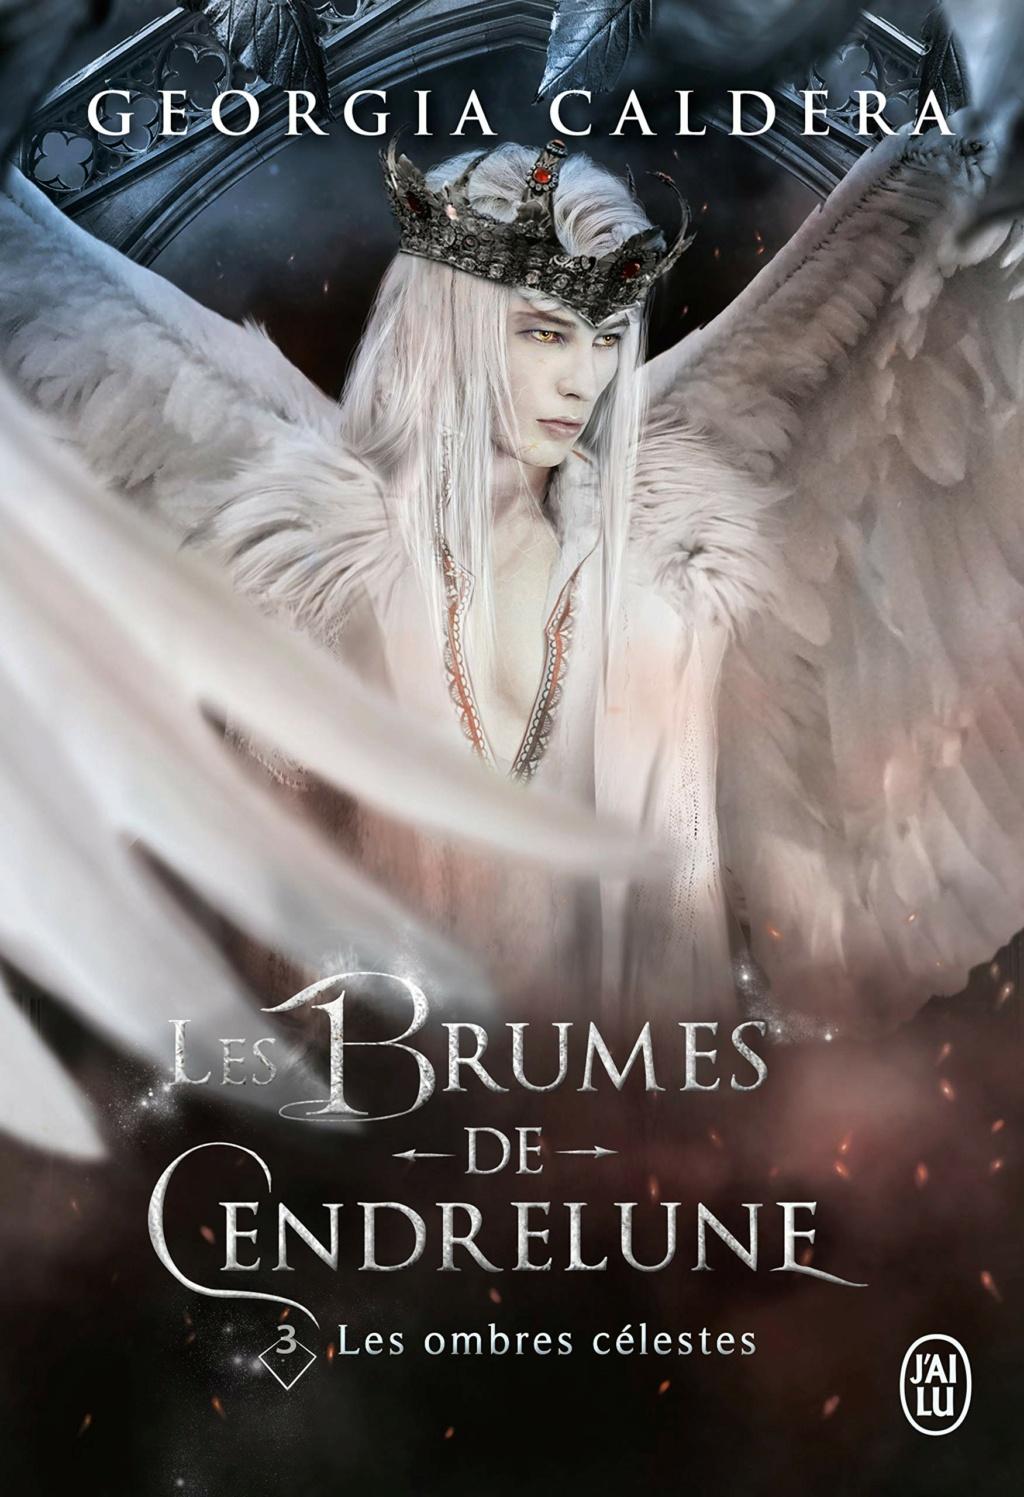 Les brumes de Cendrelune - Tome 3 : Les ombres célestes de Georgia Caldera Les-br10